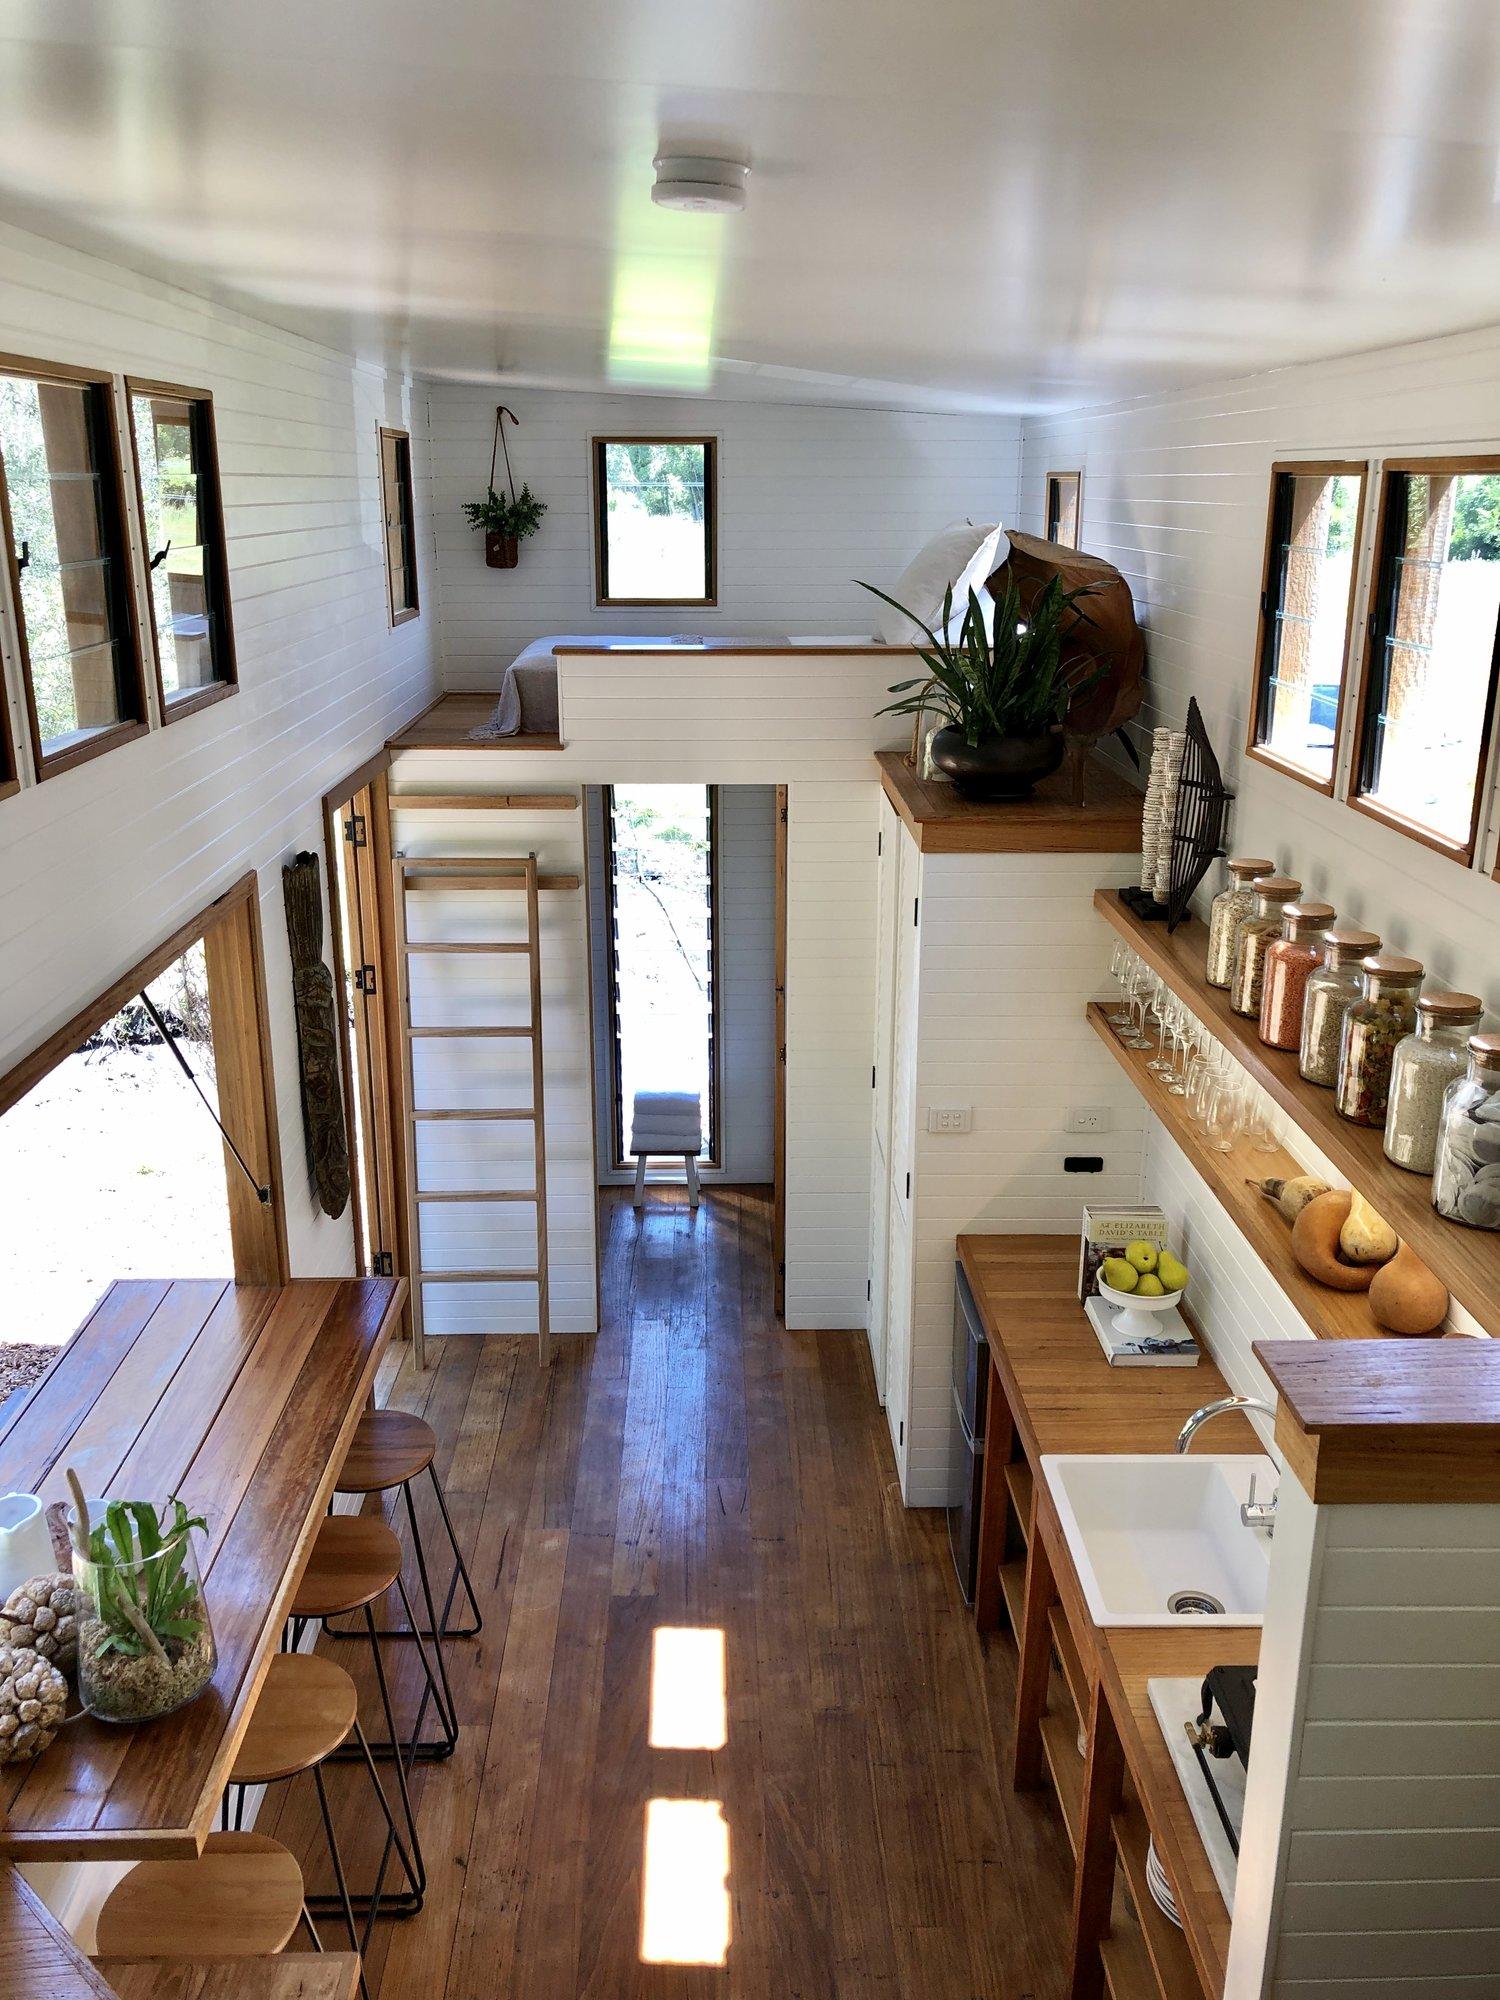 Casă de 18 m² cu living și dormitor pe platforme suspendate